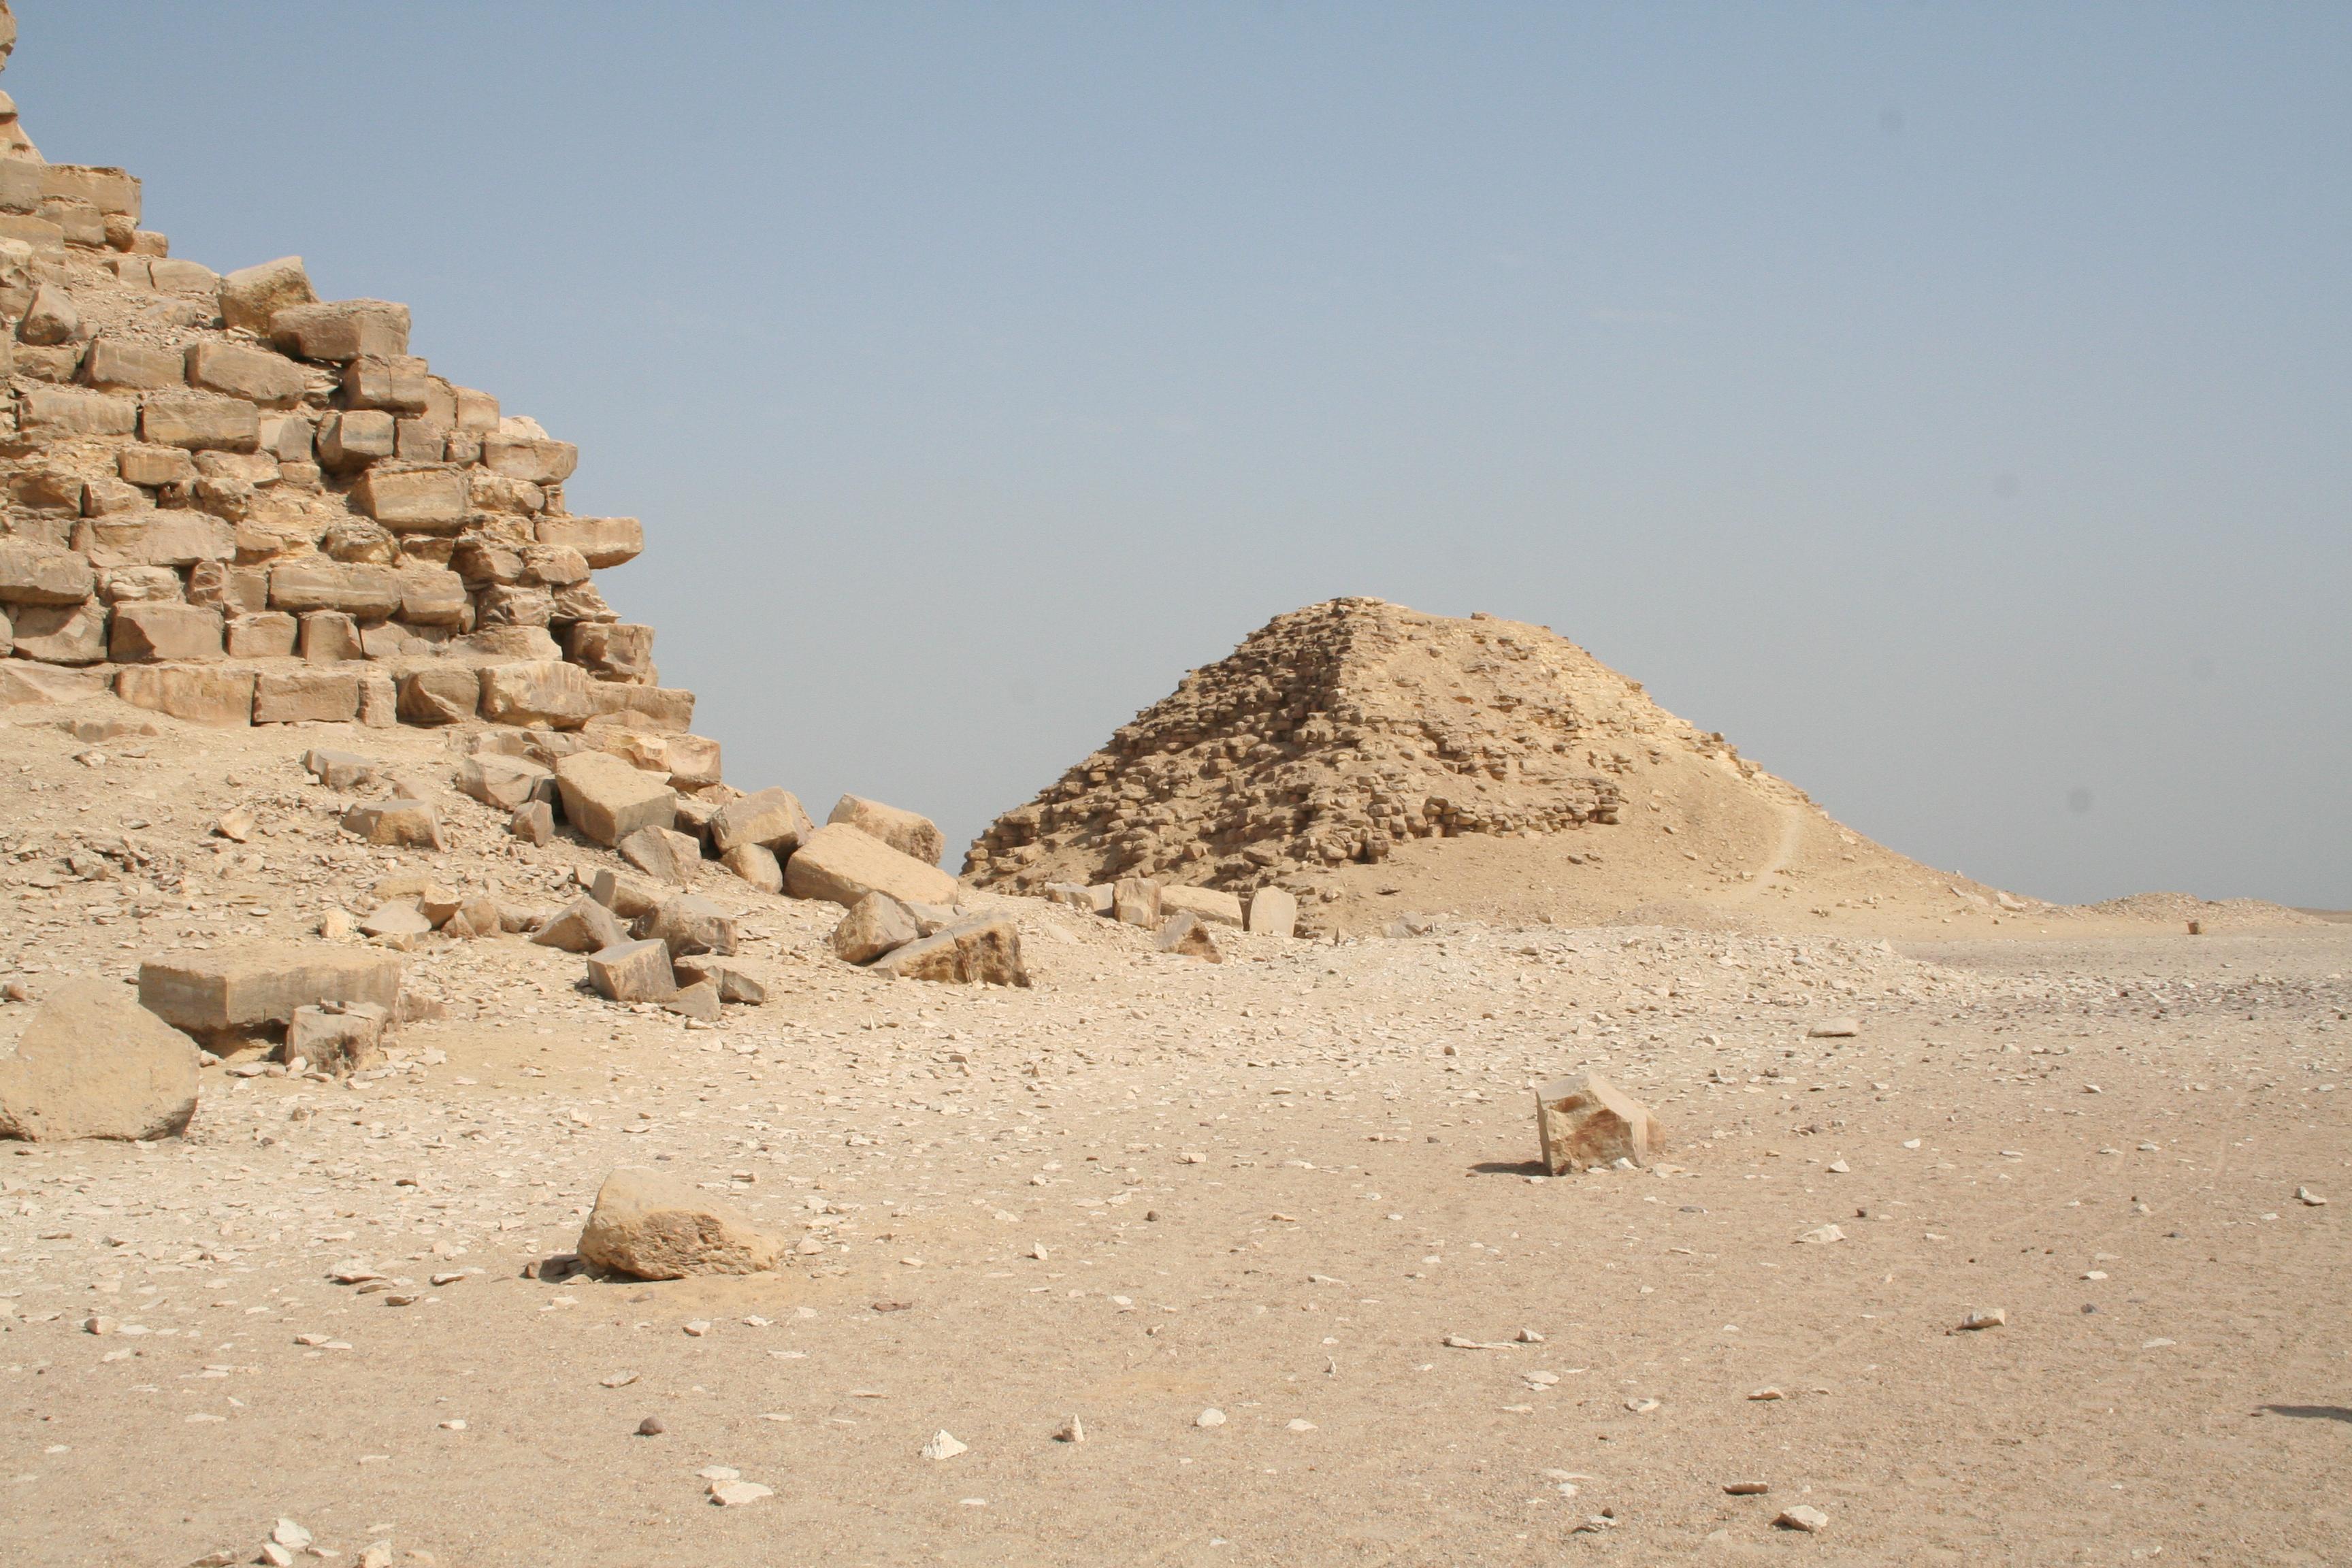 dahschur_sattelite_pyramid_01 В Египте обнаружили ранее неизвестную пирамиду